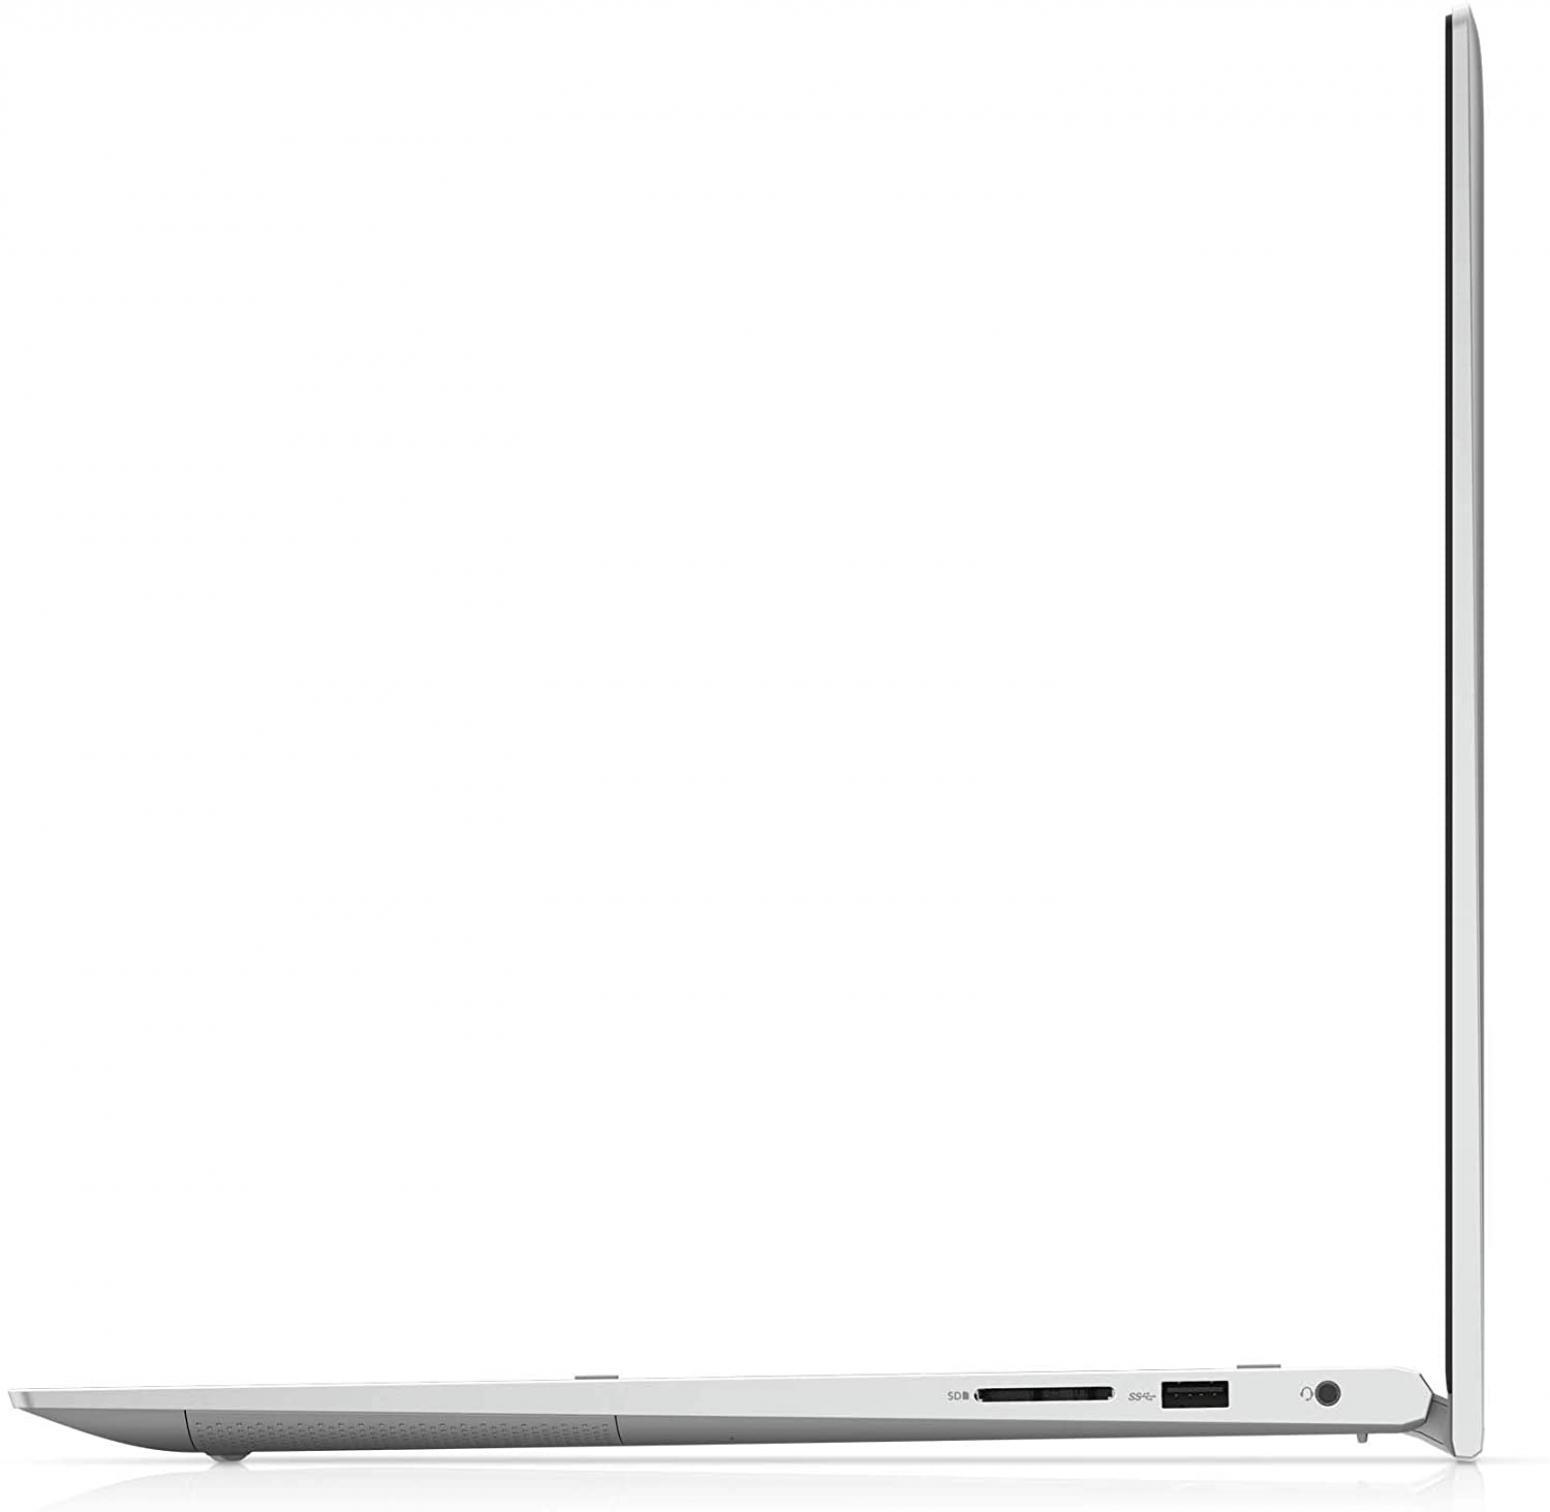 Ordinateur portable Dell Inspiron 17 7706-812 2-en-1 Gris - i5 Iris Xe, SSD 512 Go - photo 7